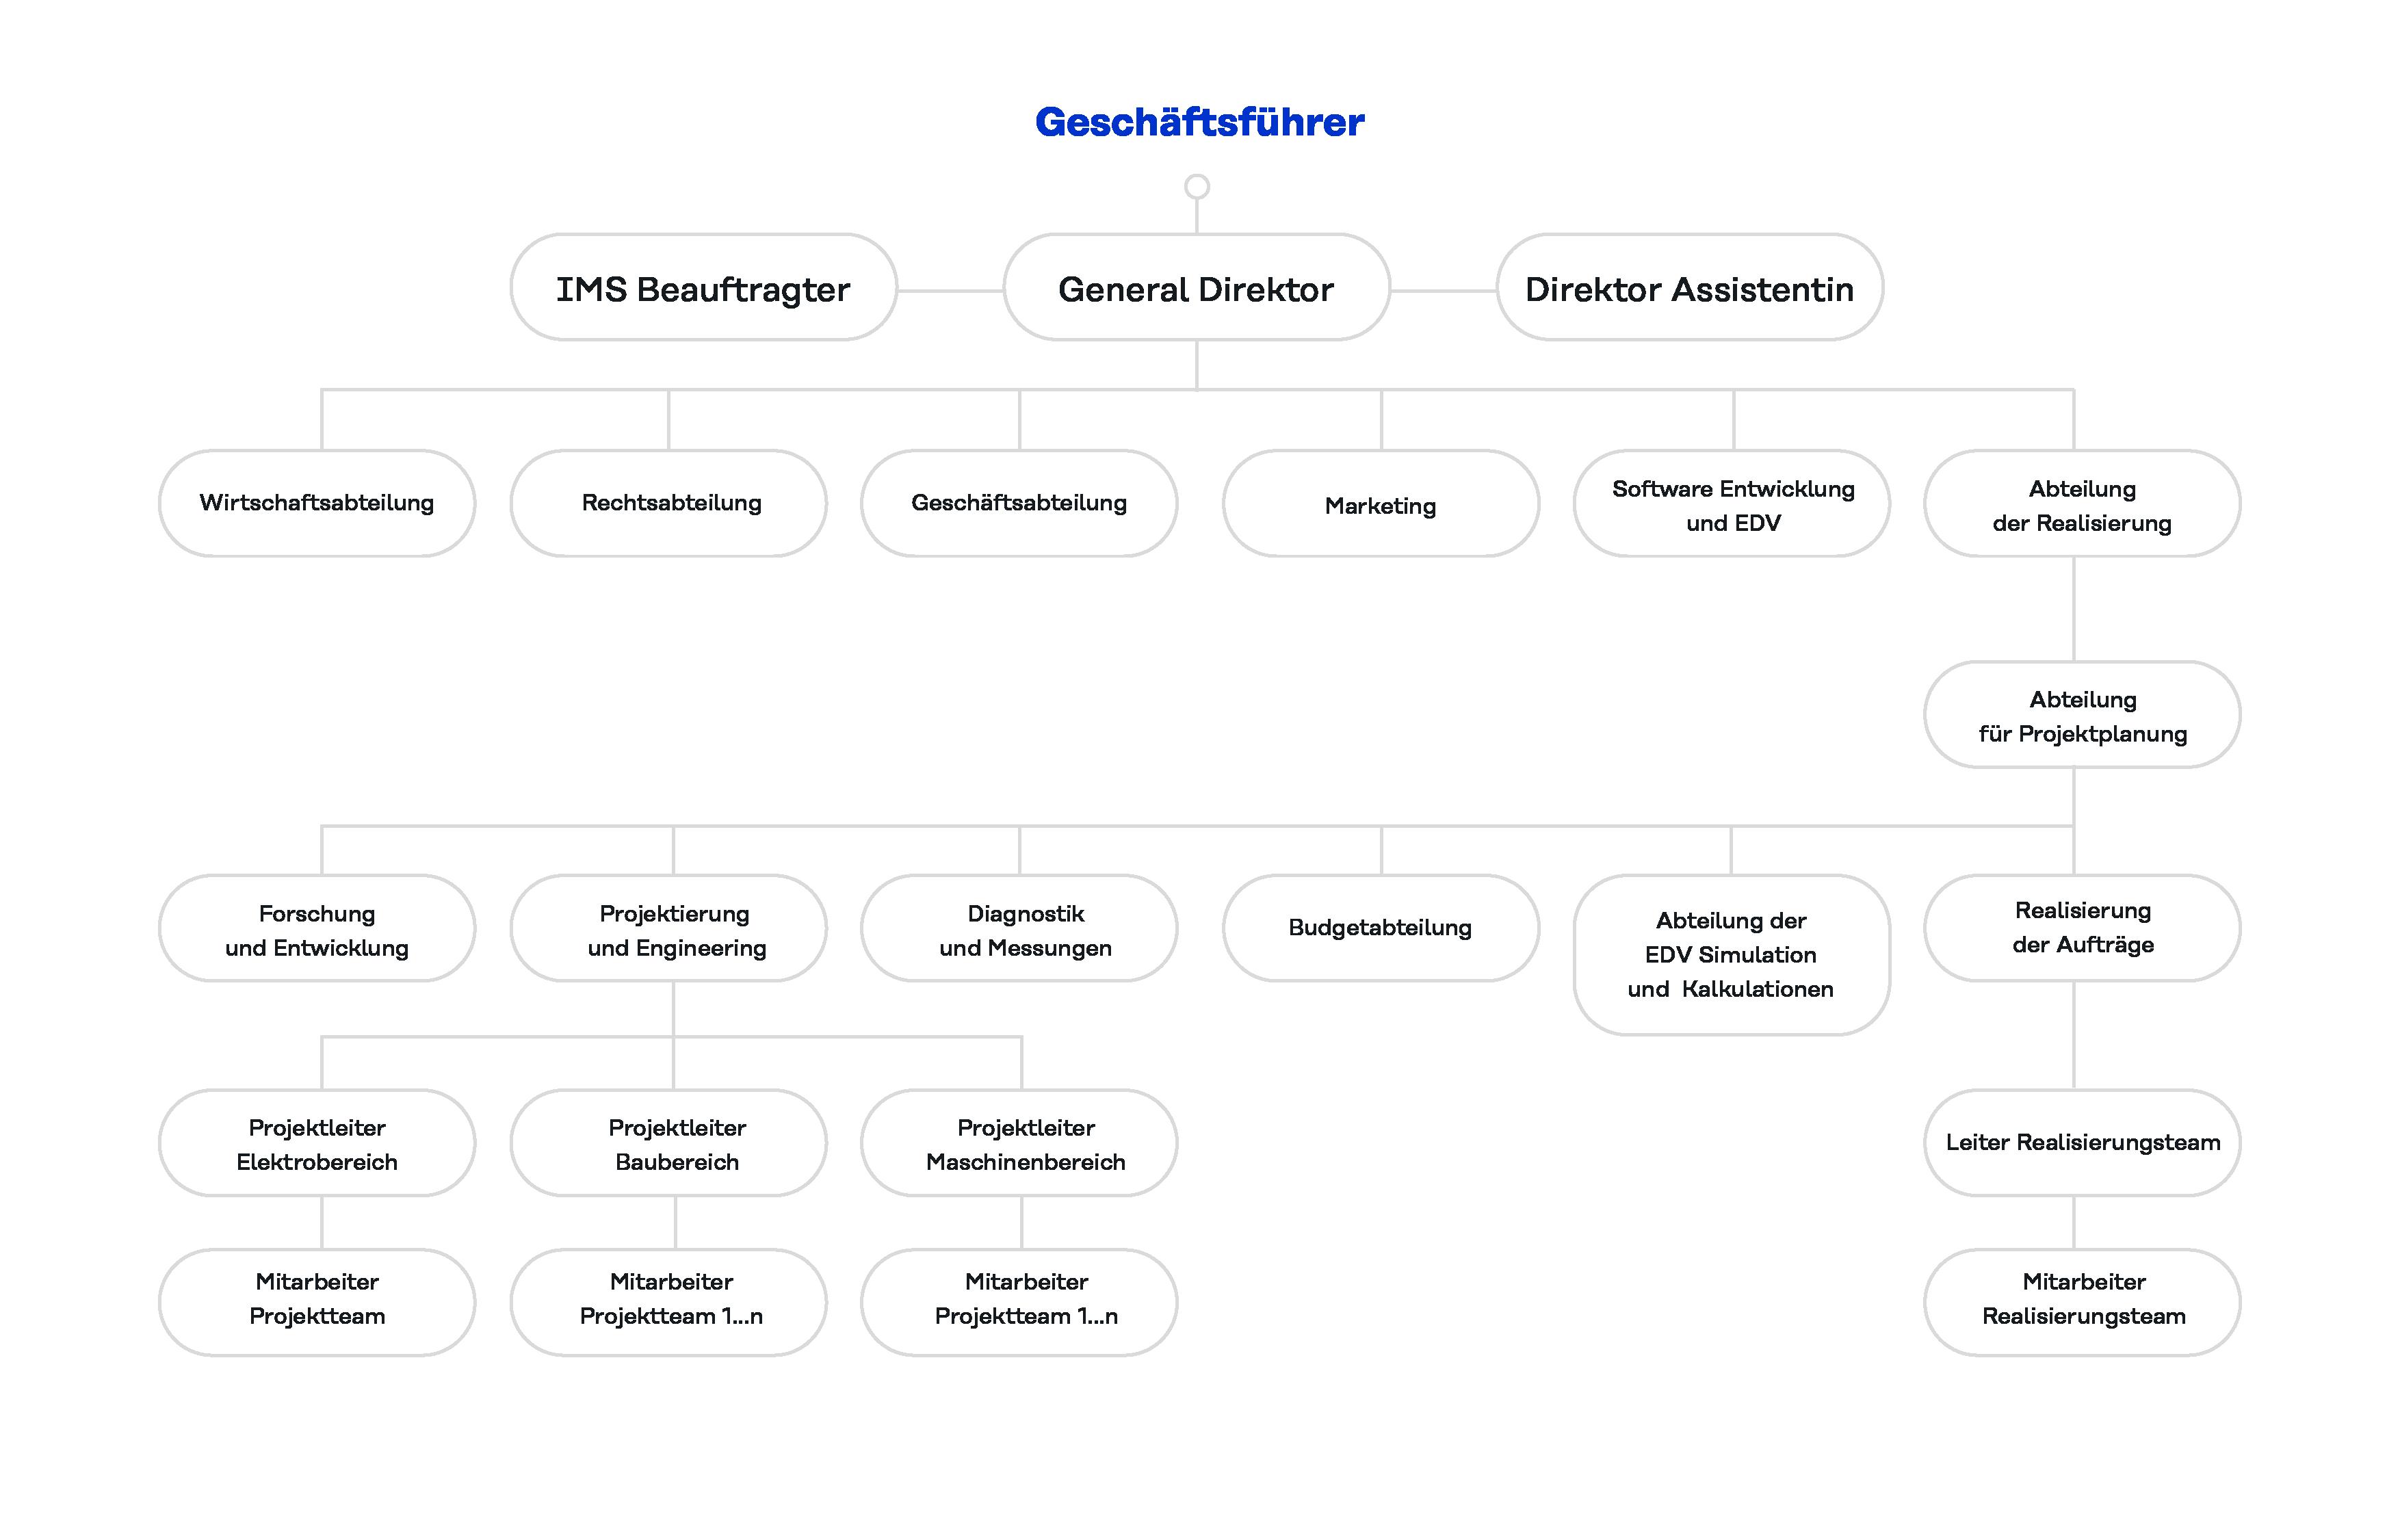 Organizačná štruktúra spoločnosti